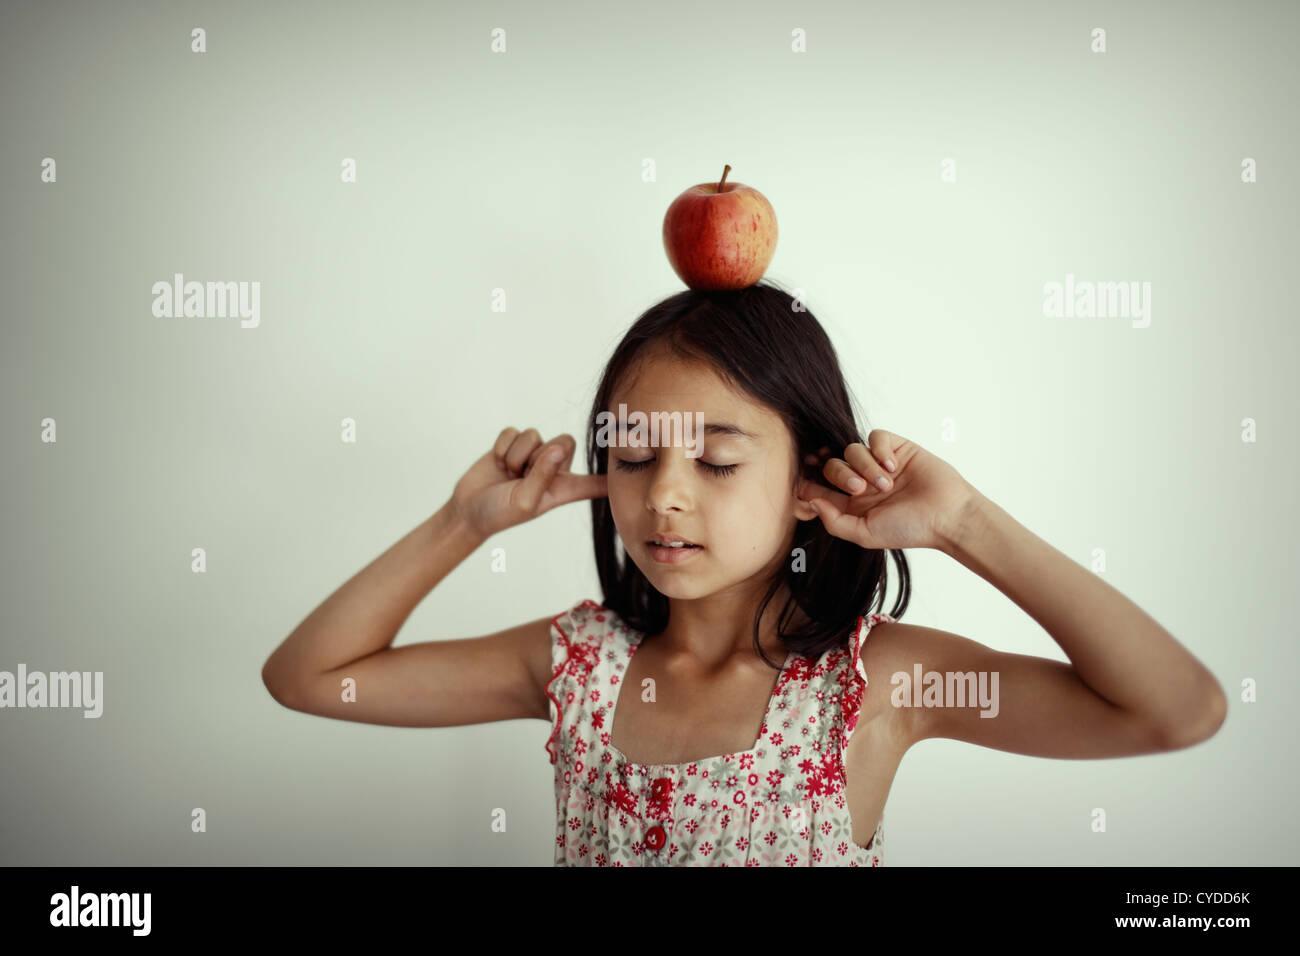 Chica saldos apple en cabeza con los ojos cerrados y los dedos en las orejas. Imagen De Stock